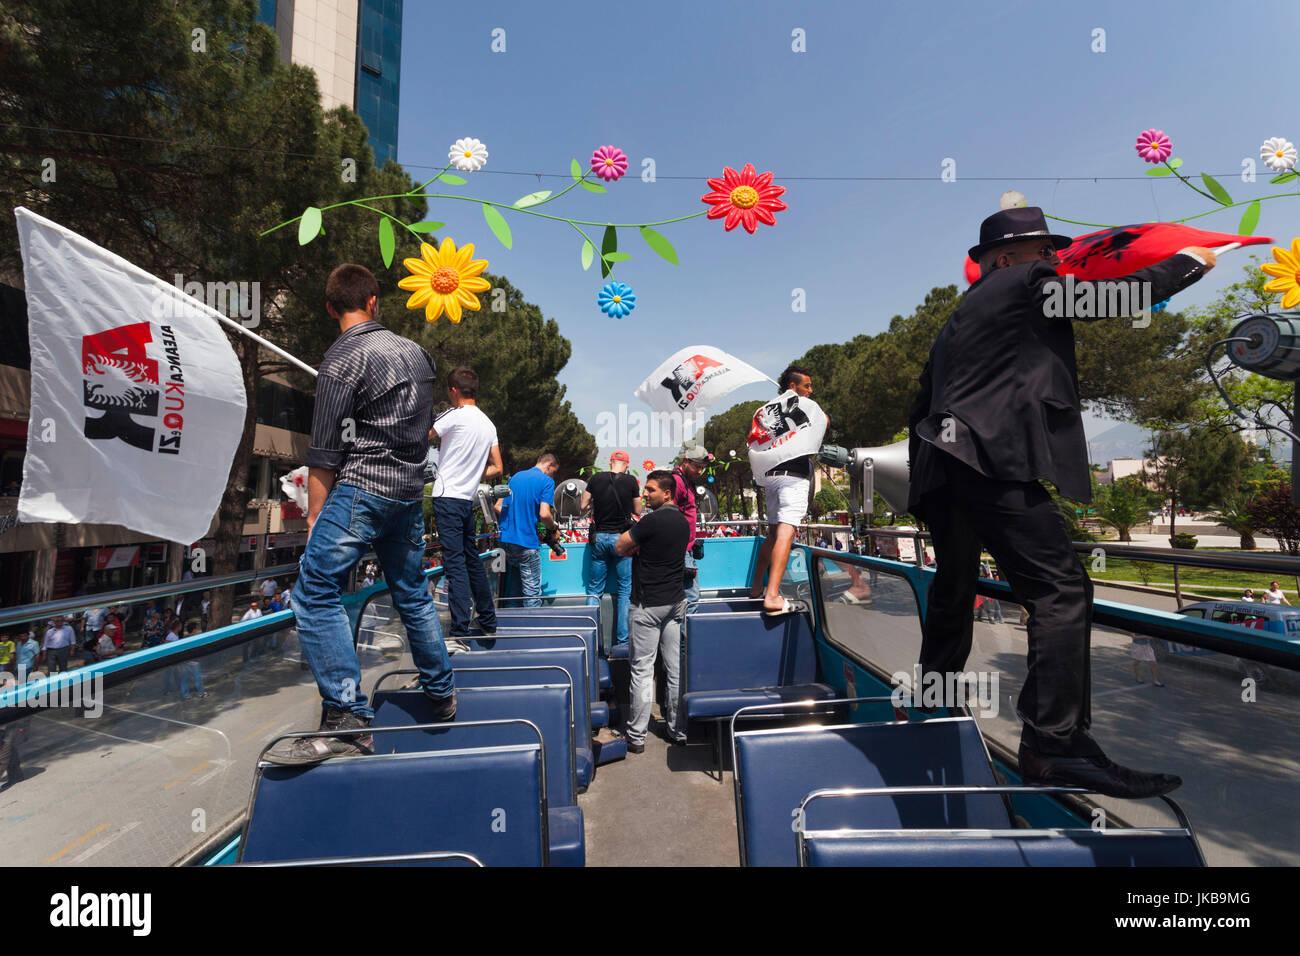 Albania, Tirana, May Day Celebration - Stock Image